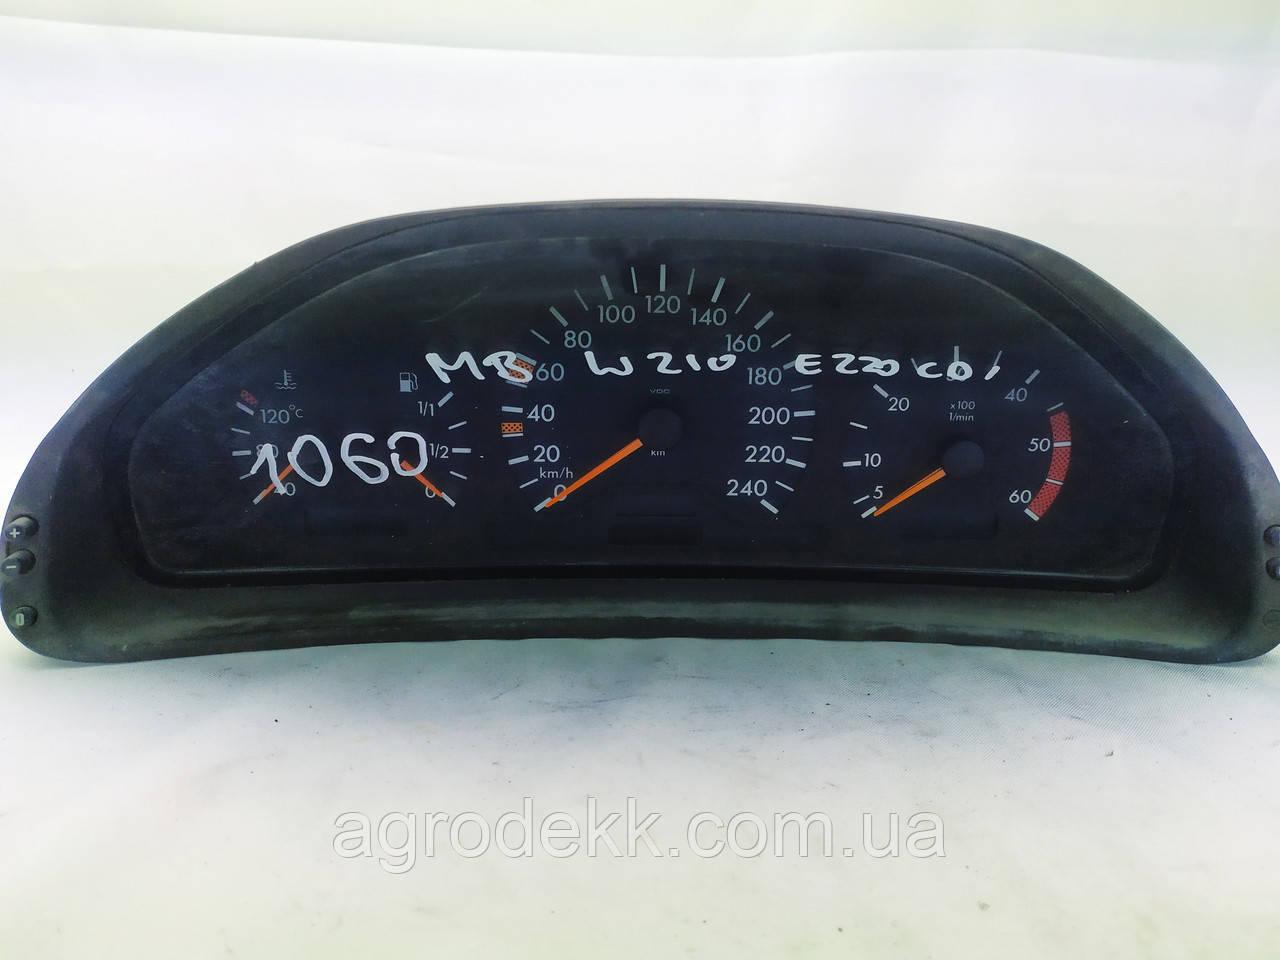 Щиток панель приборов Mercedes-Benz  E-CLASS W210 (1995-2003)  88311265